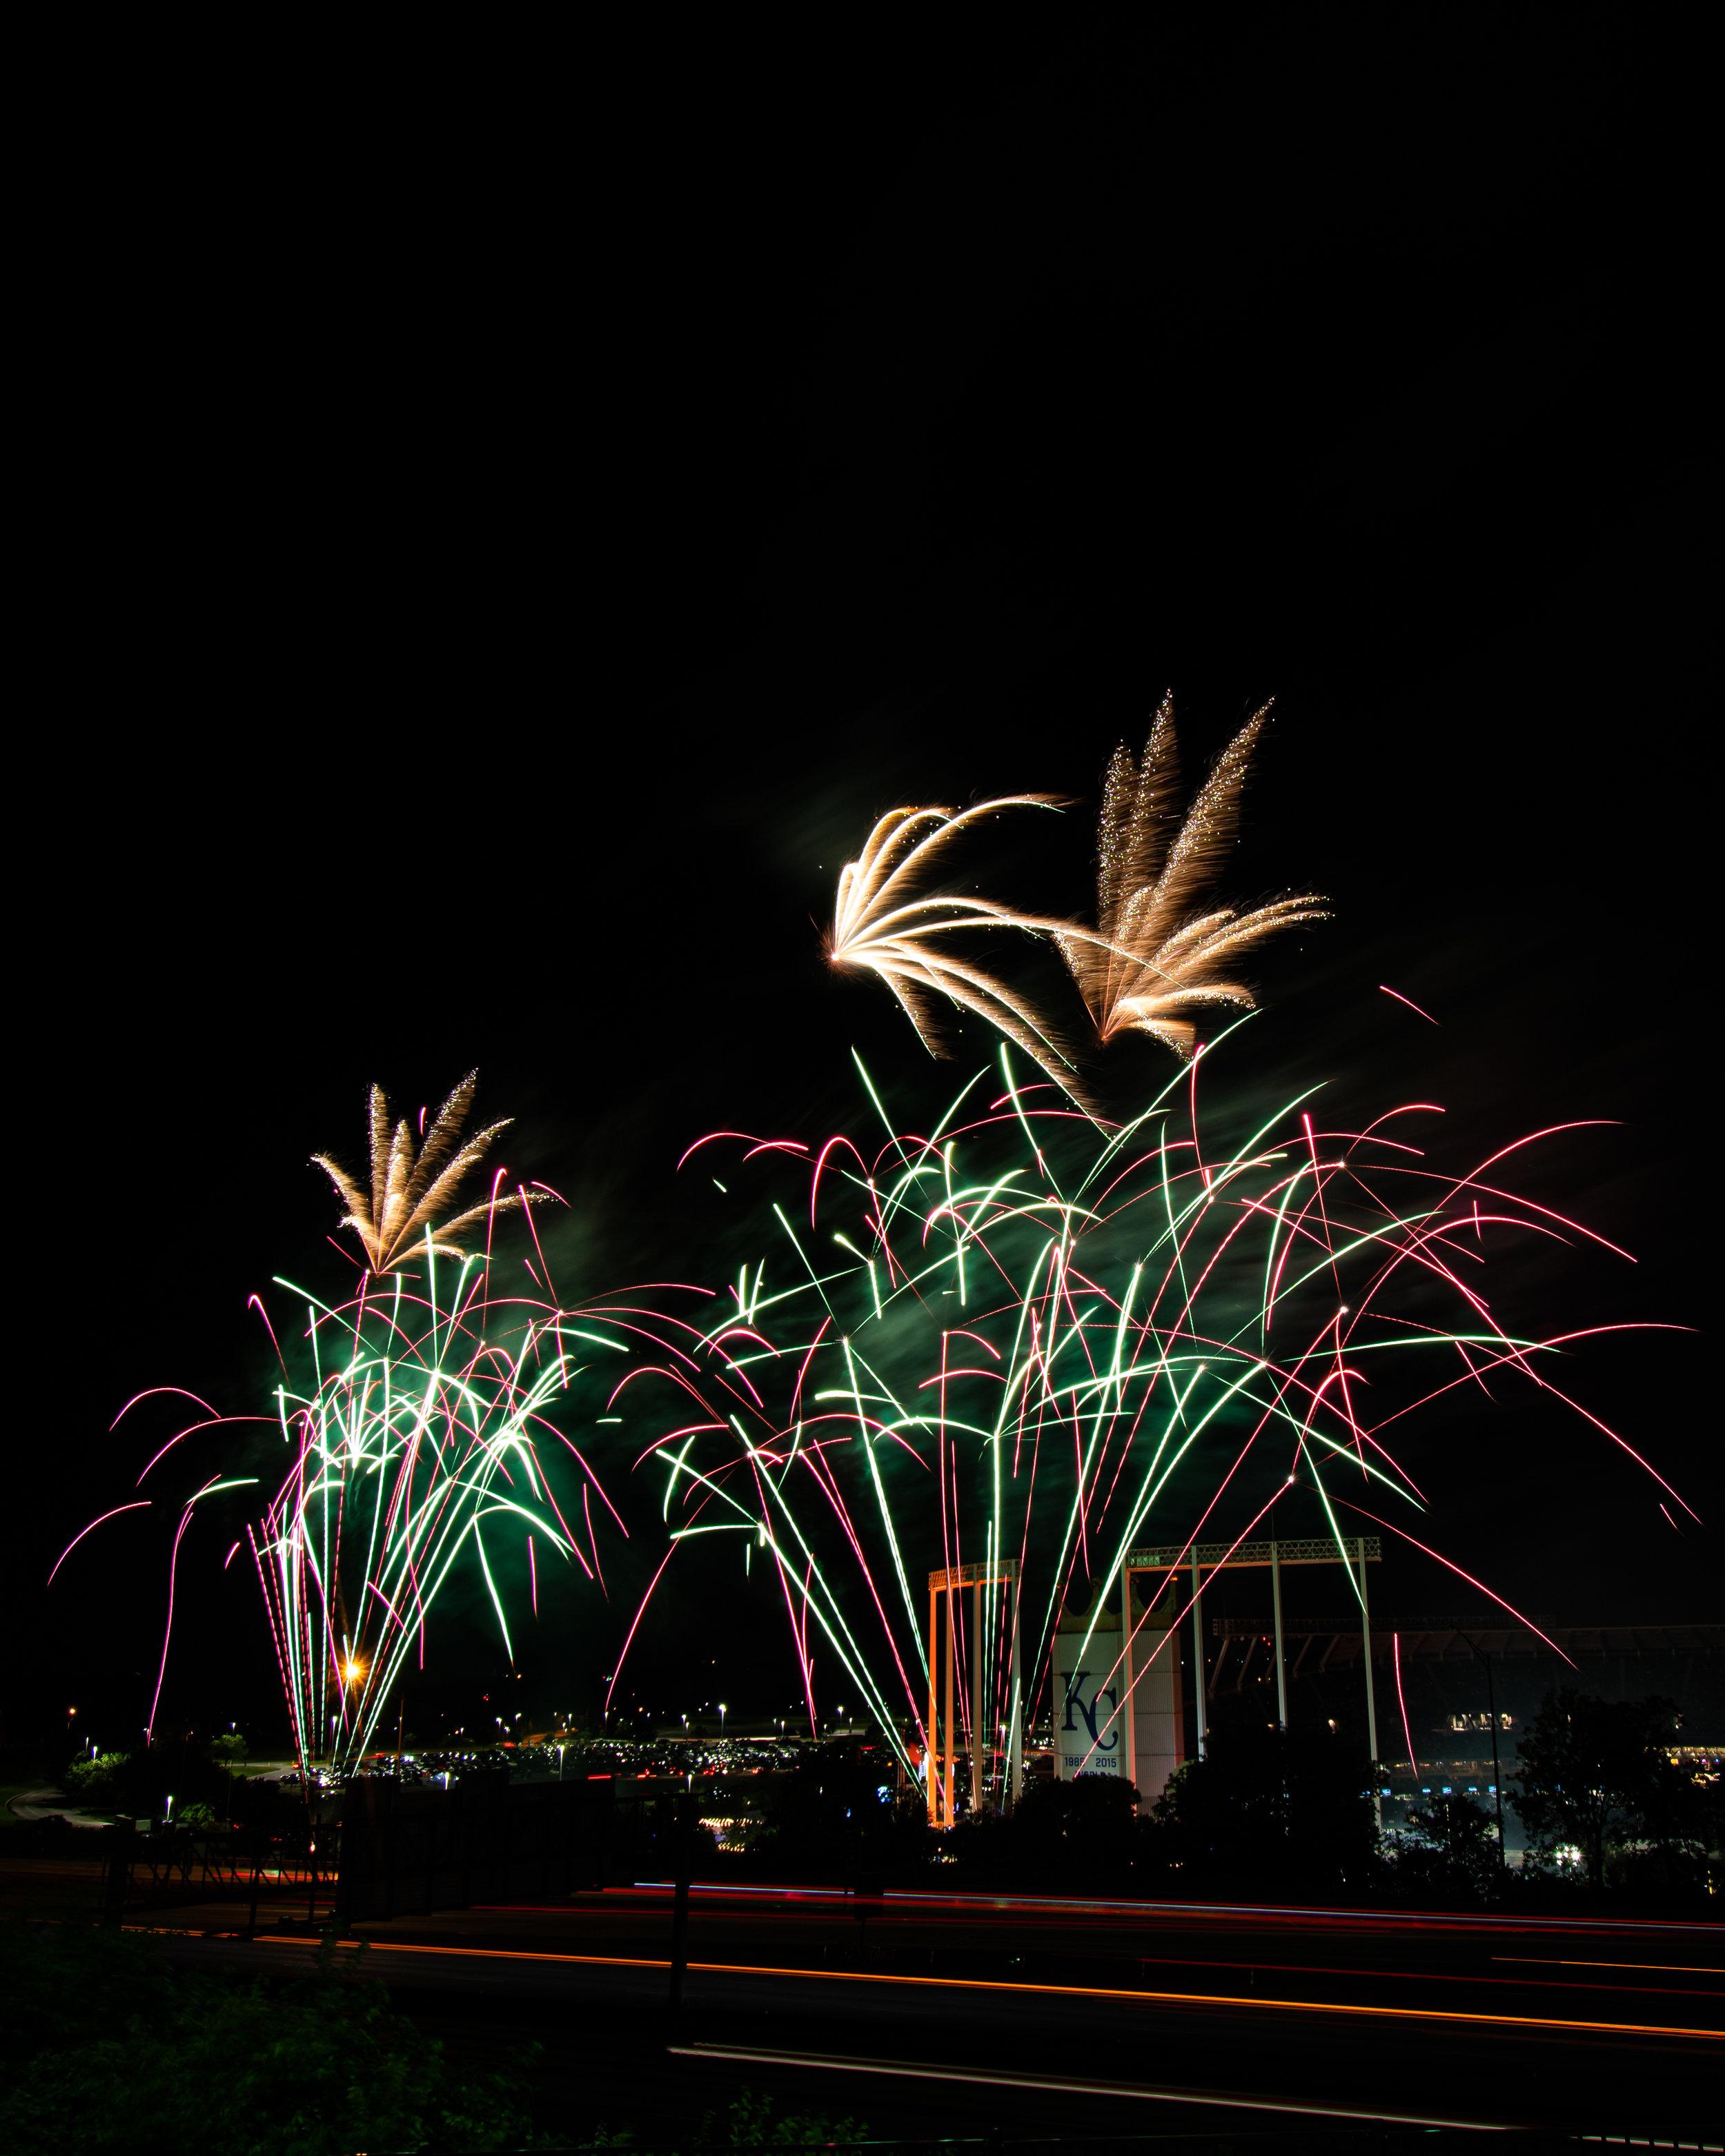 firework-friday-29-of-51_48108387307_o.jpg